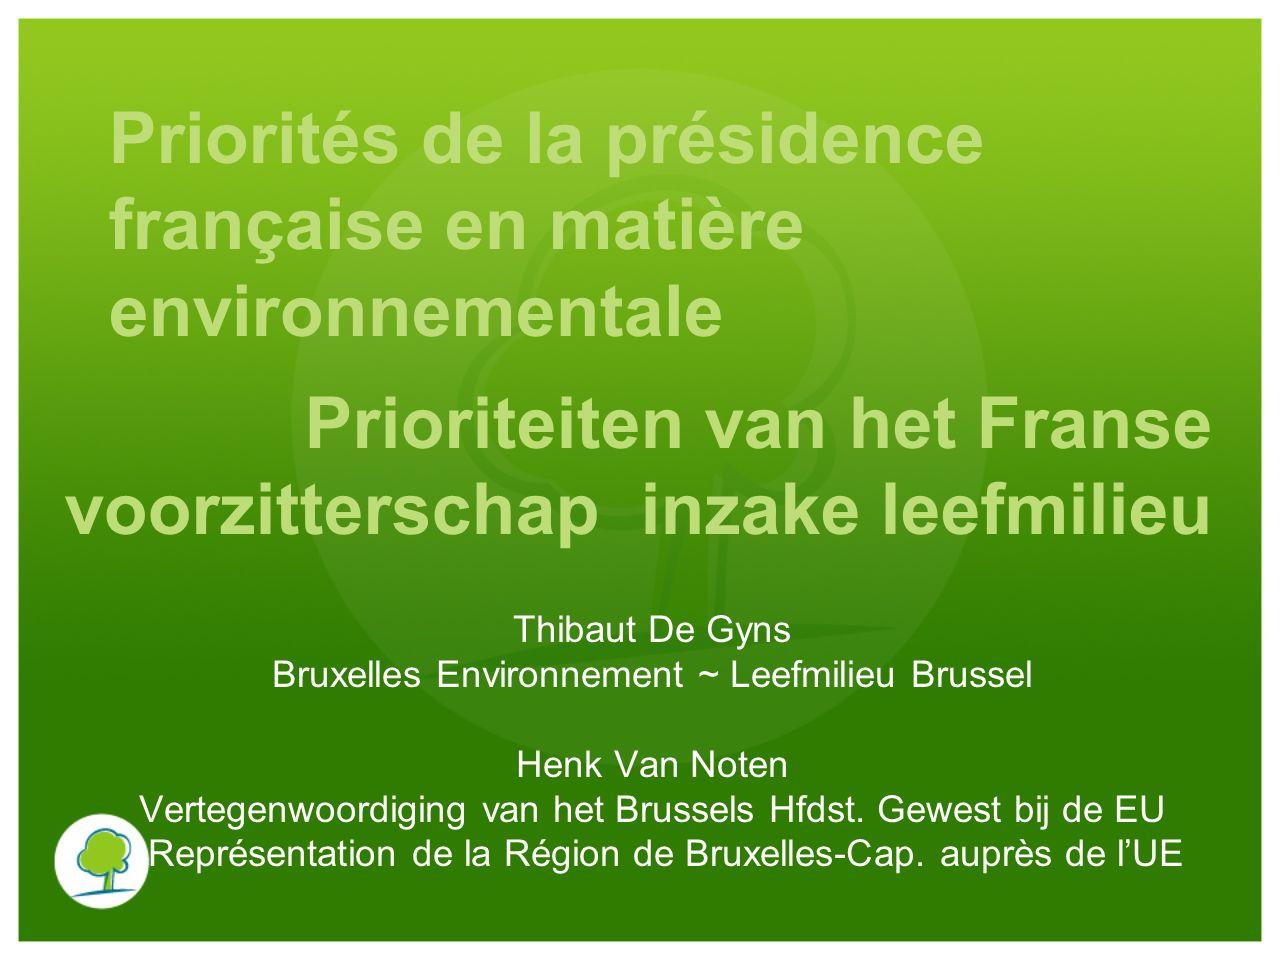 Priorités de la présidence française en matière environnementale Thibaut De Gyns Bruxelles Environnement ~ Leefmilieu Brussel Henk Van Noten Vertegenwoordiging van het Brussels Hfdst.